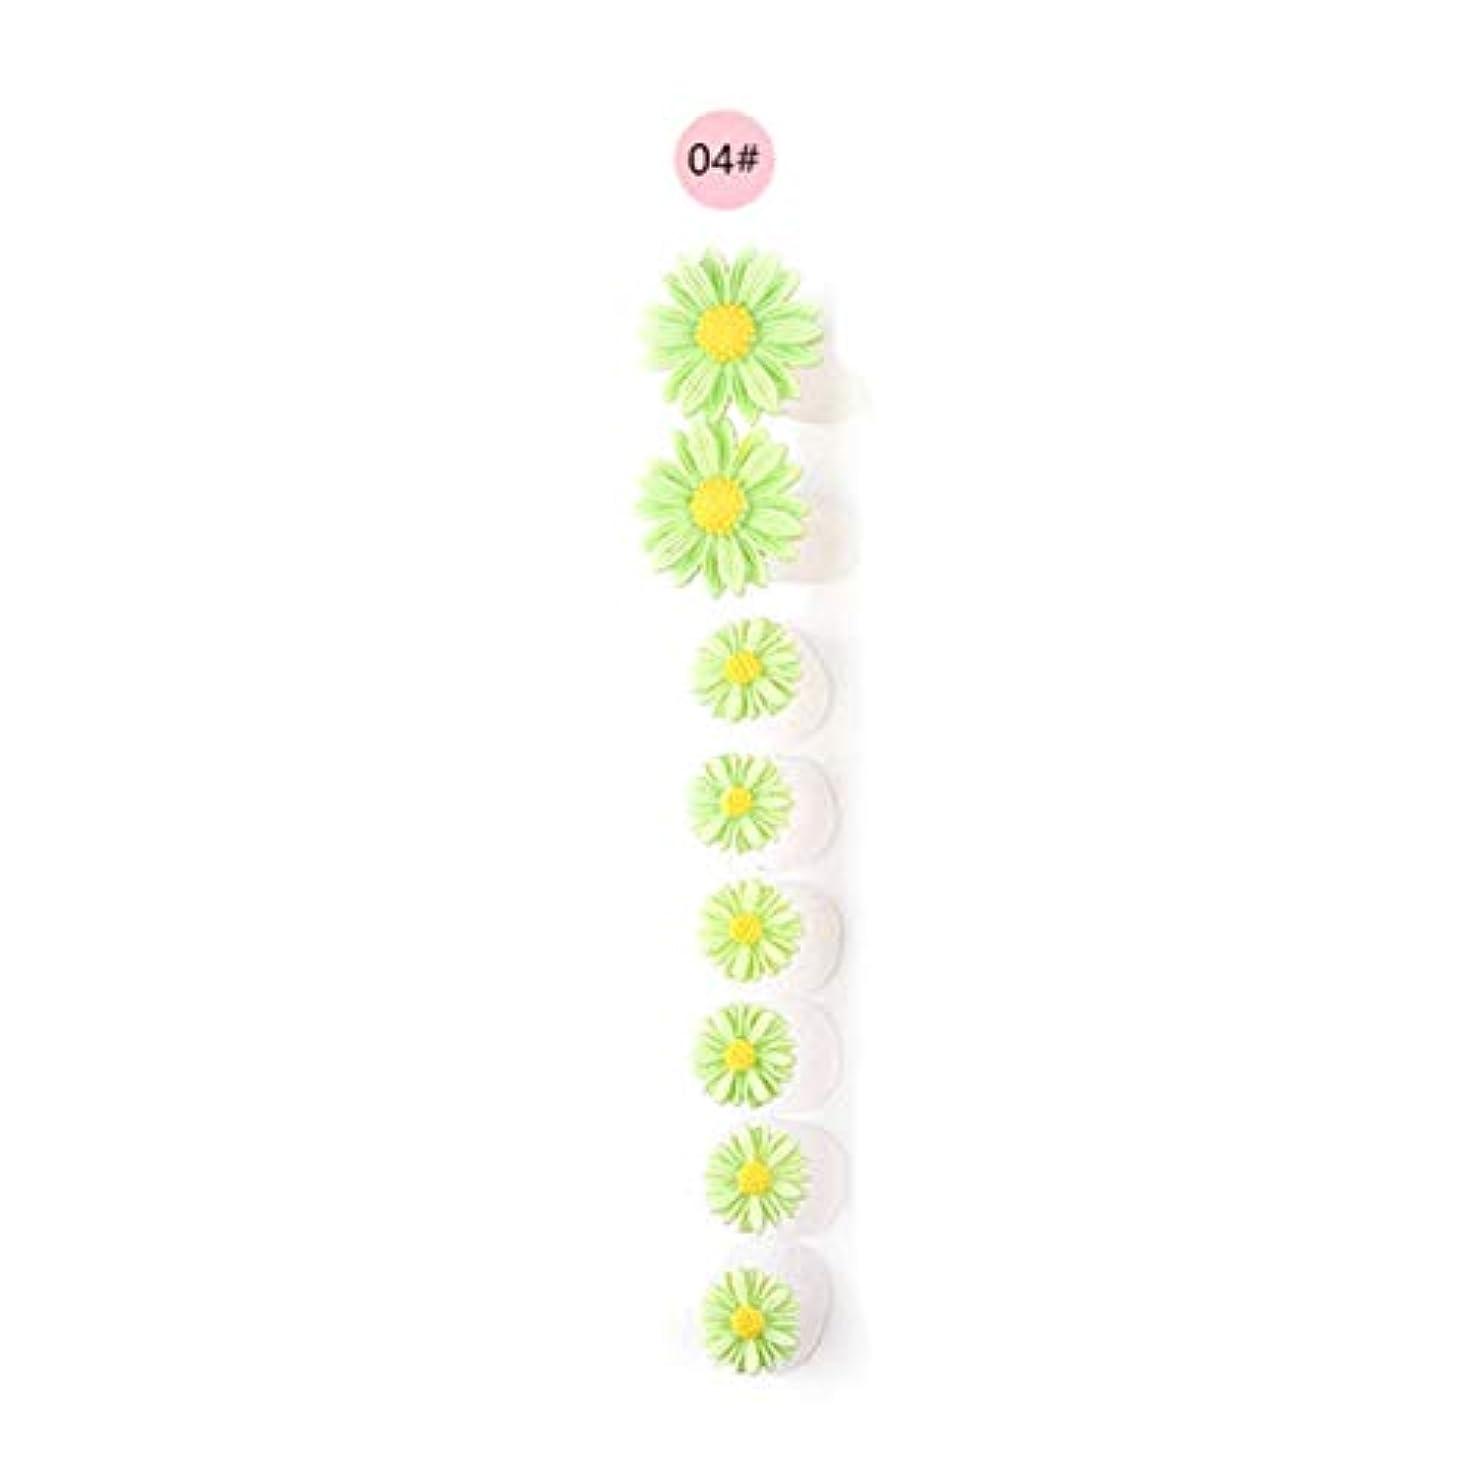 メーター袋透過性8ピース/セットシリコンつま先セパレーター足つま先スペーサー花形ペディキュアDIYネイルアートツール-カラフル04#